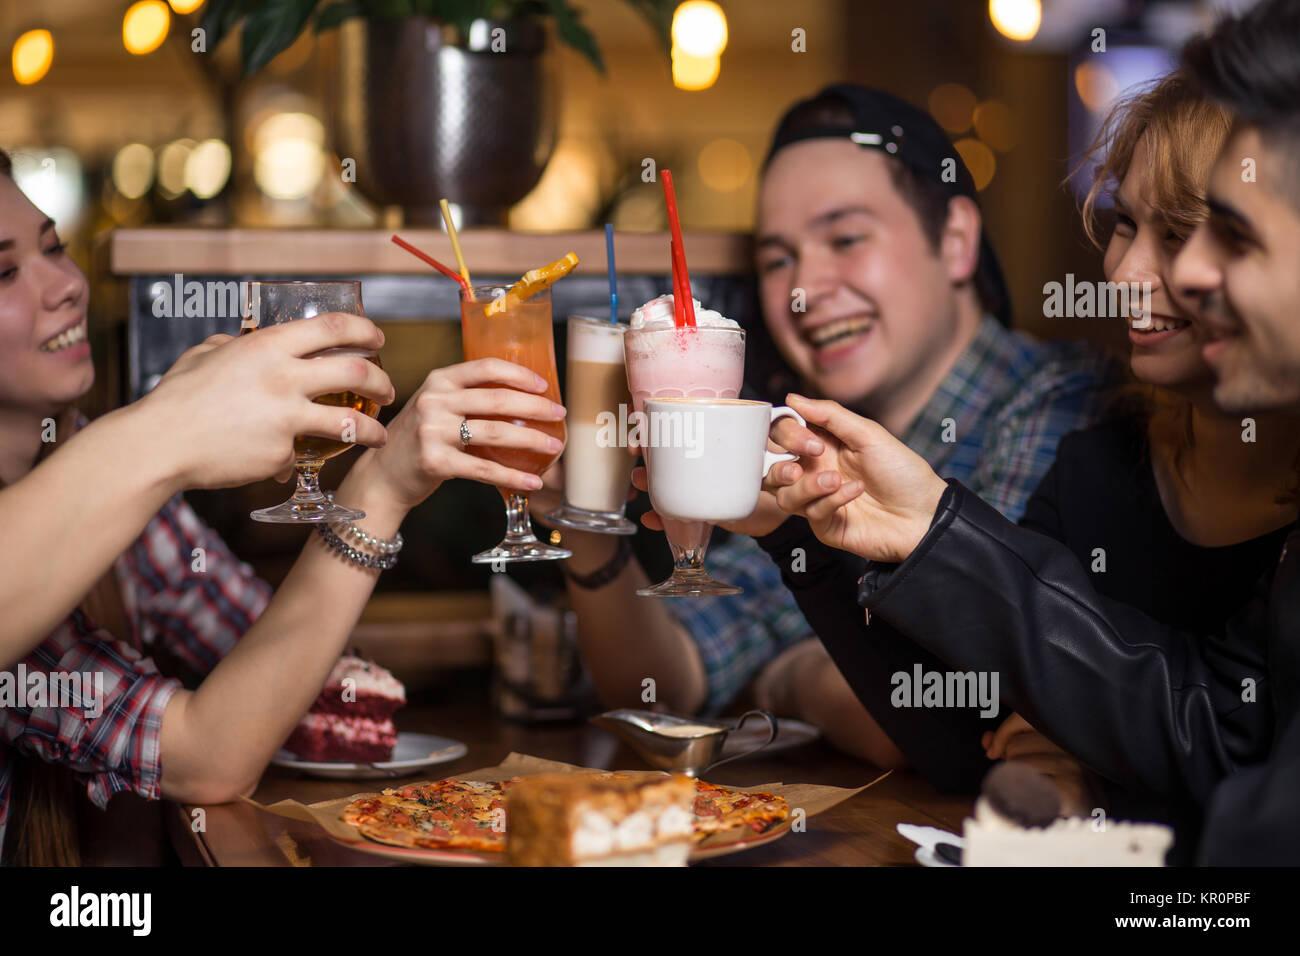 Reunión de personas amistad compañerismo Cafetería Concepto Imagen De Stock